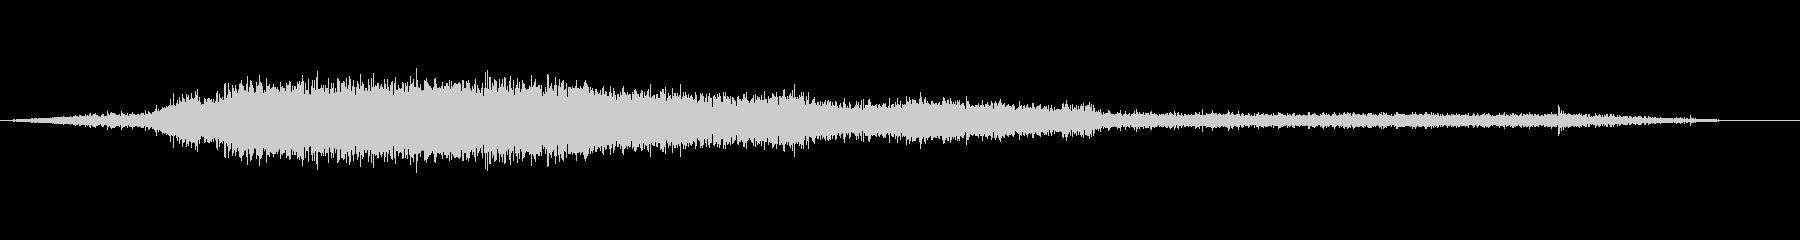 イメージ スクリーミングウォーター02の未再生の波形